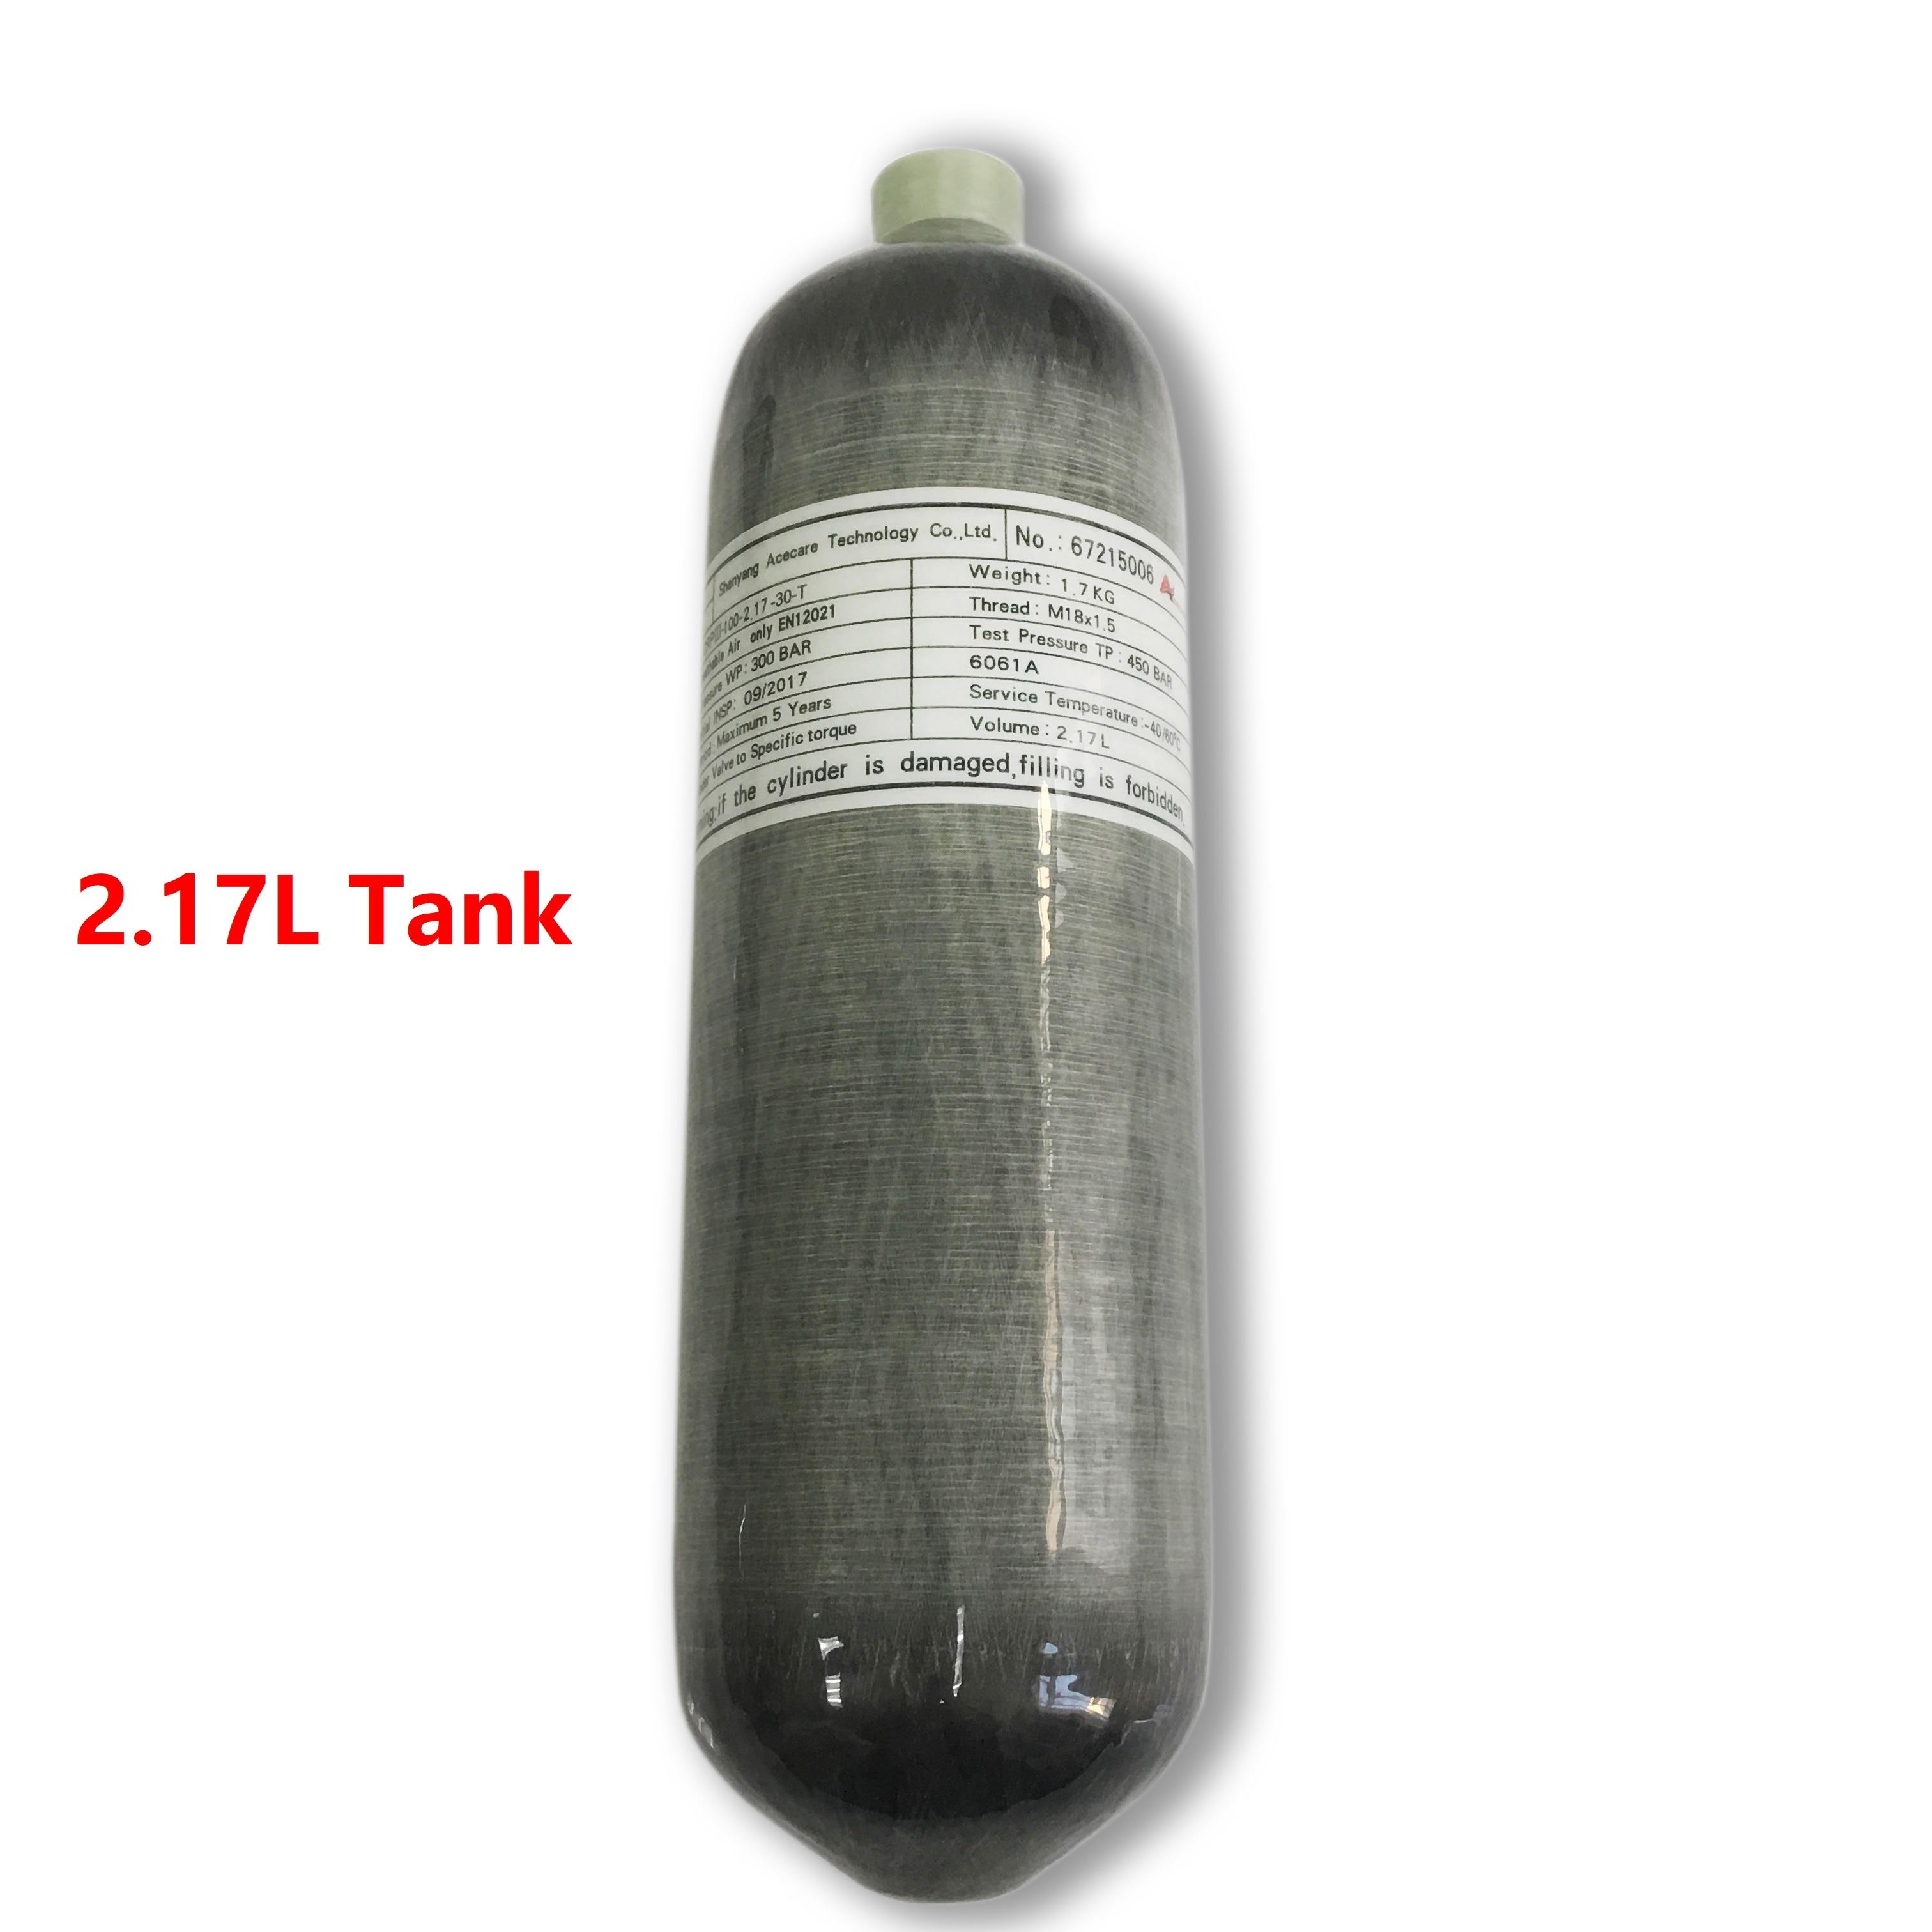 AC1217 Scuba Diving Tank 2.17L CE Pcp Oxygen Cylinder Air Tank Pcp Airforce Condor/Rifle Airgun High Pressure Air Rifle Pcp